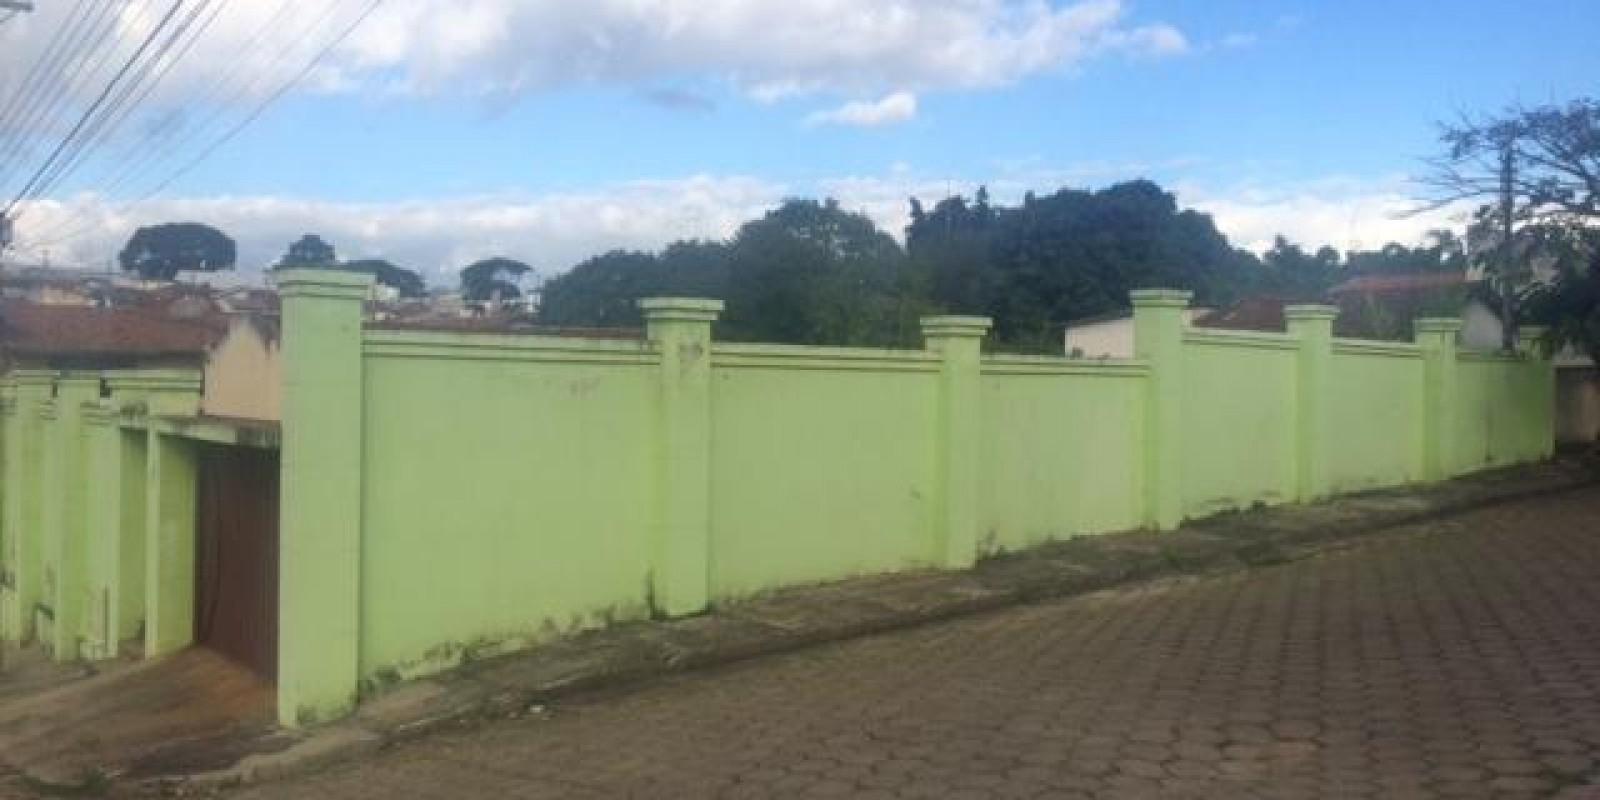 Terreno no Bairro Pinheiro Machado em Avaré SP - Foto 2 de 4